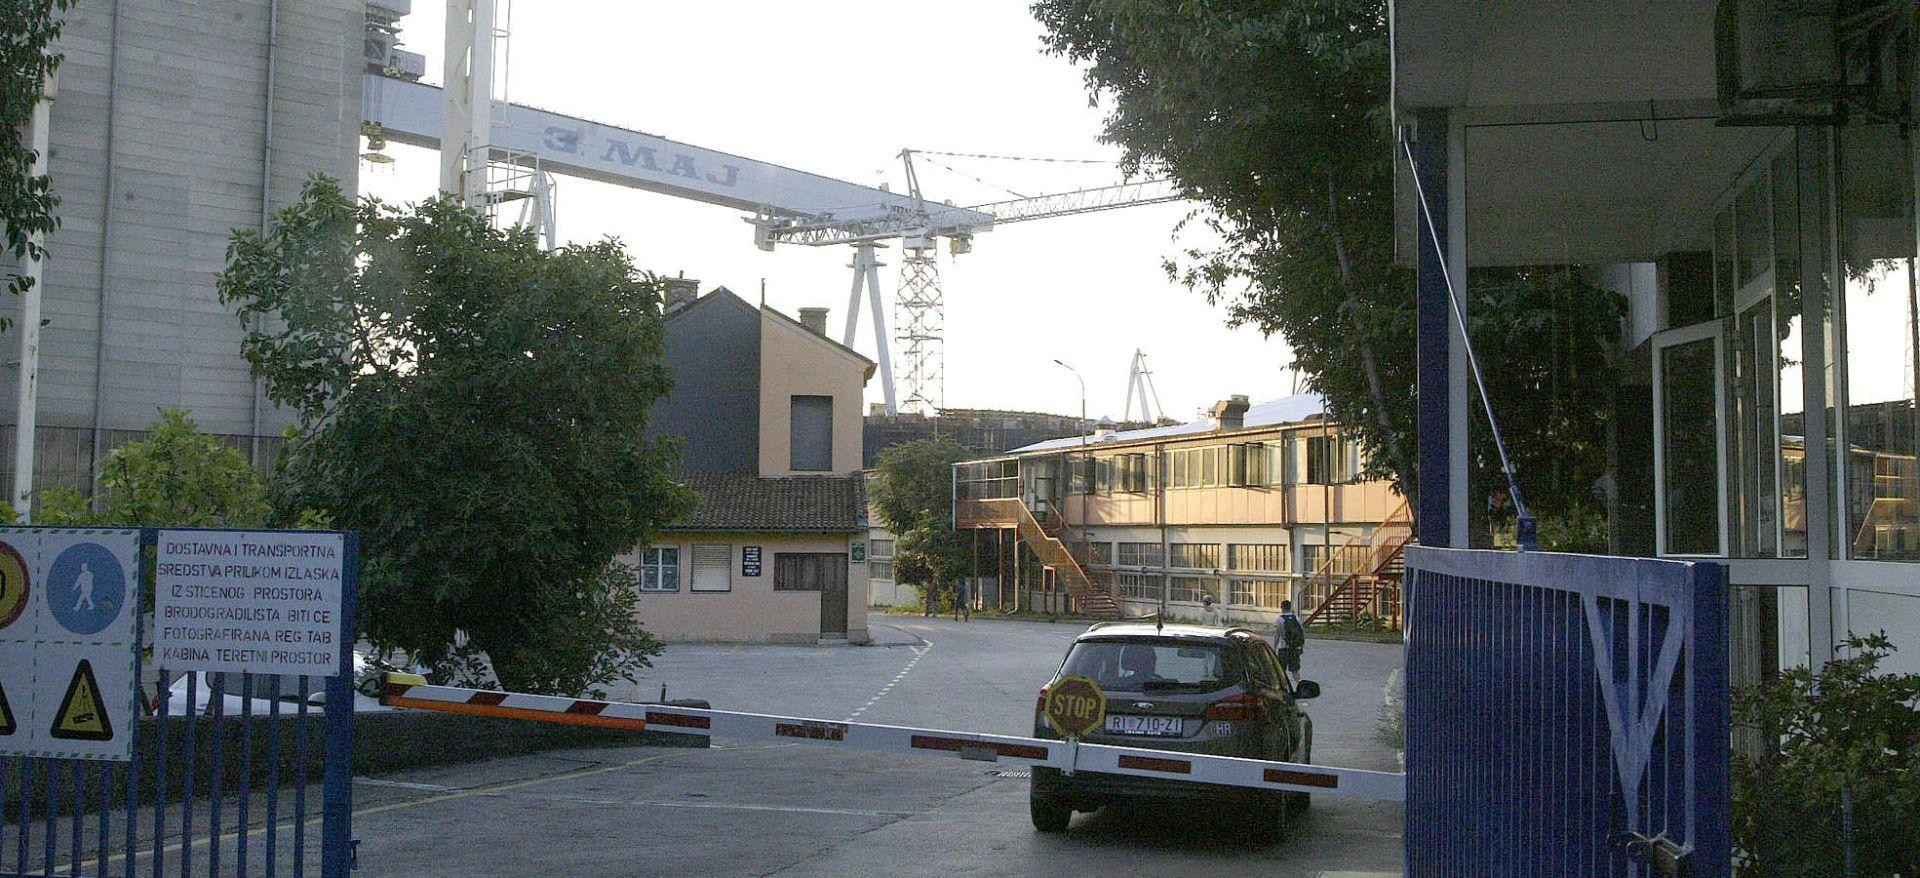 Radnici Brodogradilišta 3. maj i Uljanika nastavili opći štrajk